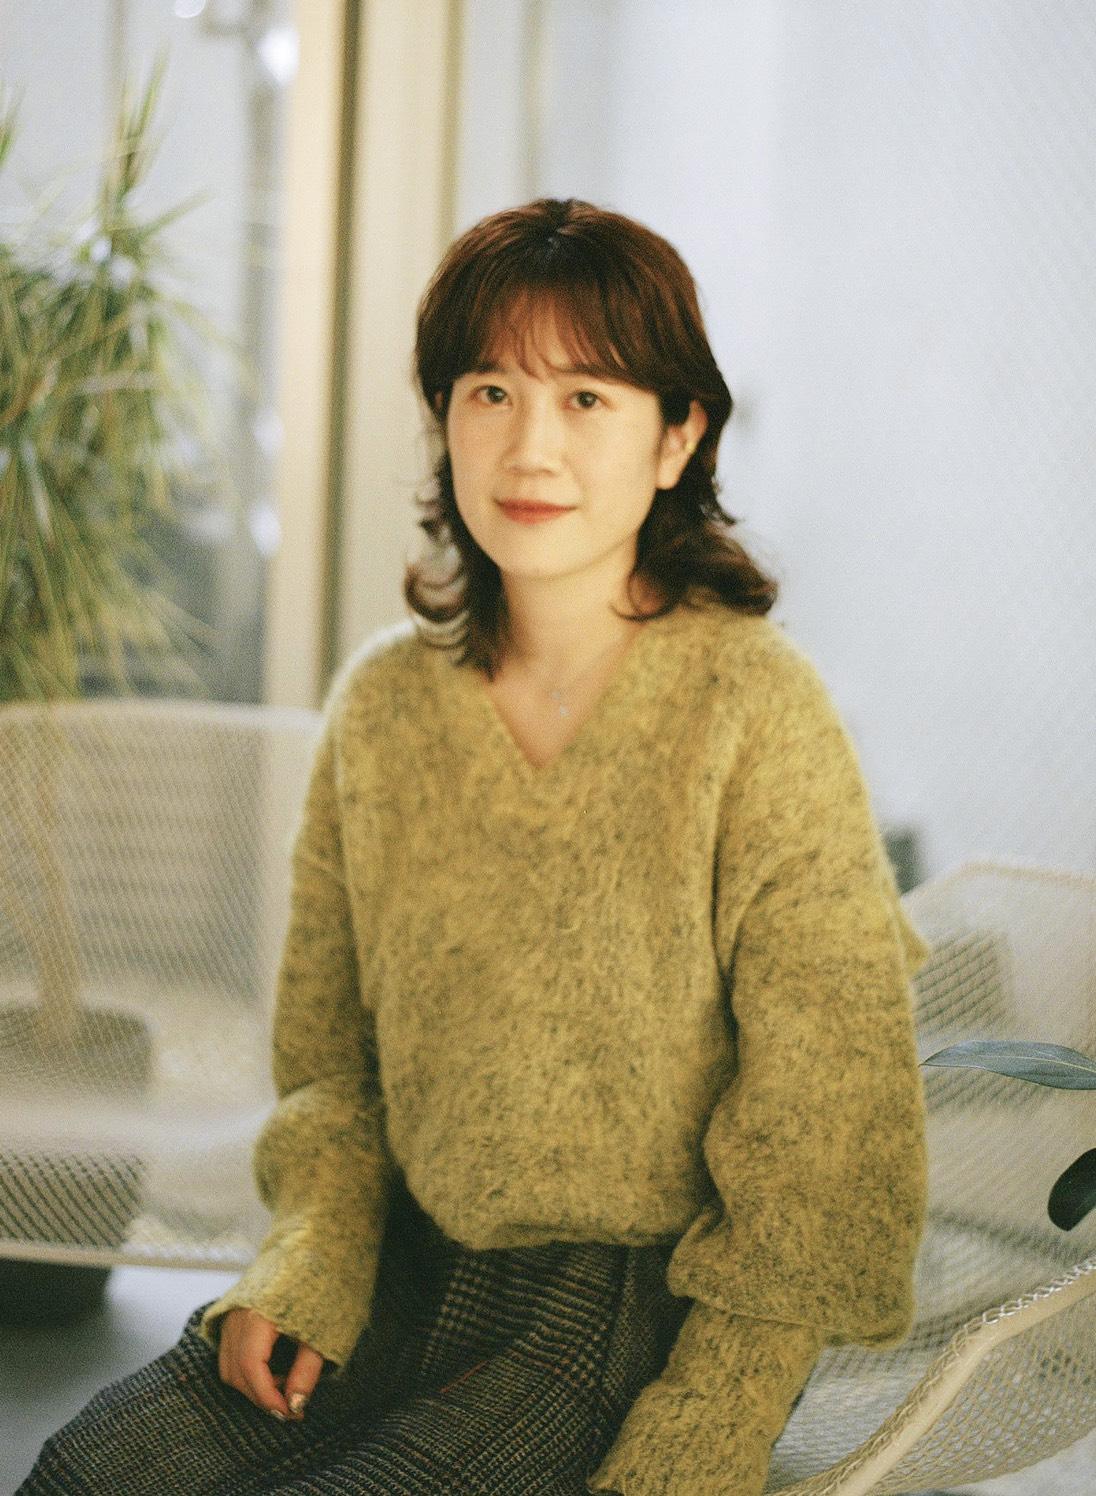 KAORI YONEZAWA